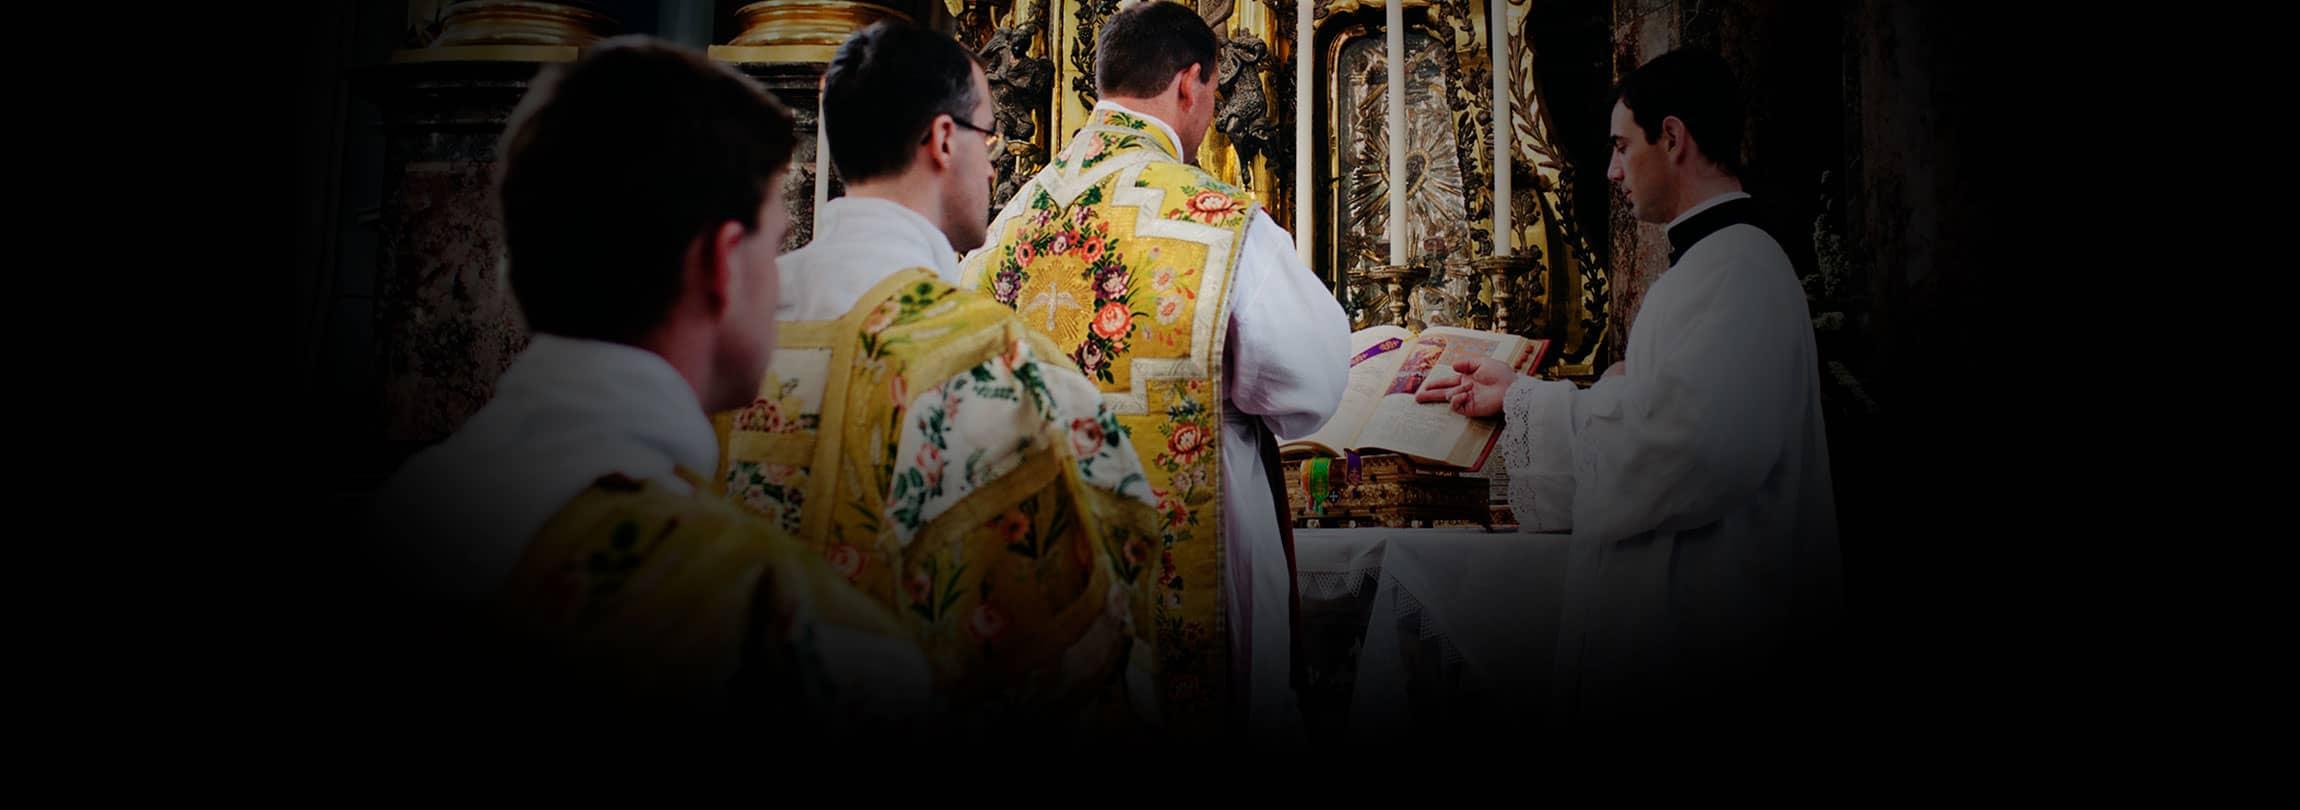 Liturgia: mistério da salvação - Parte II